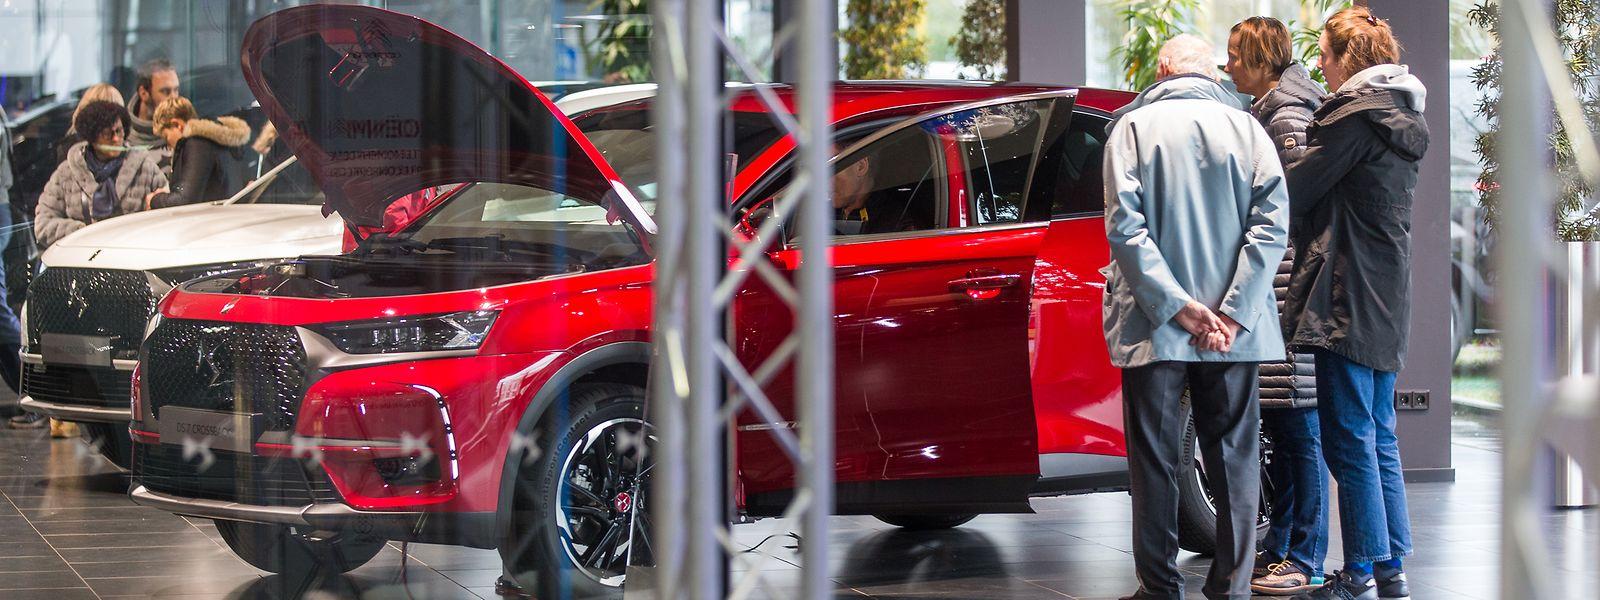 En moyenne, près de 30% des commandes de voitures ont lieu en février-mars au Luxembourg.